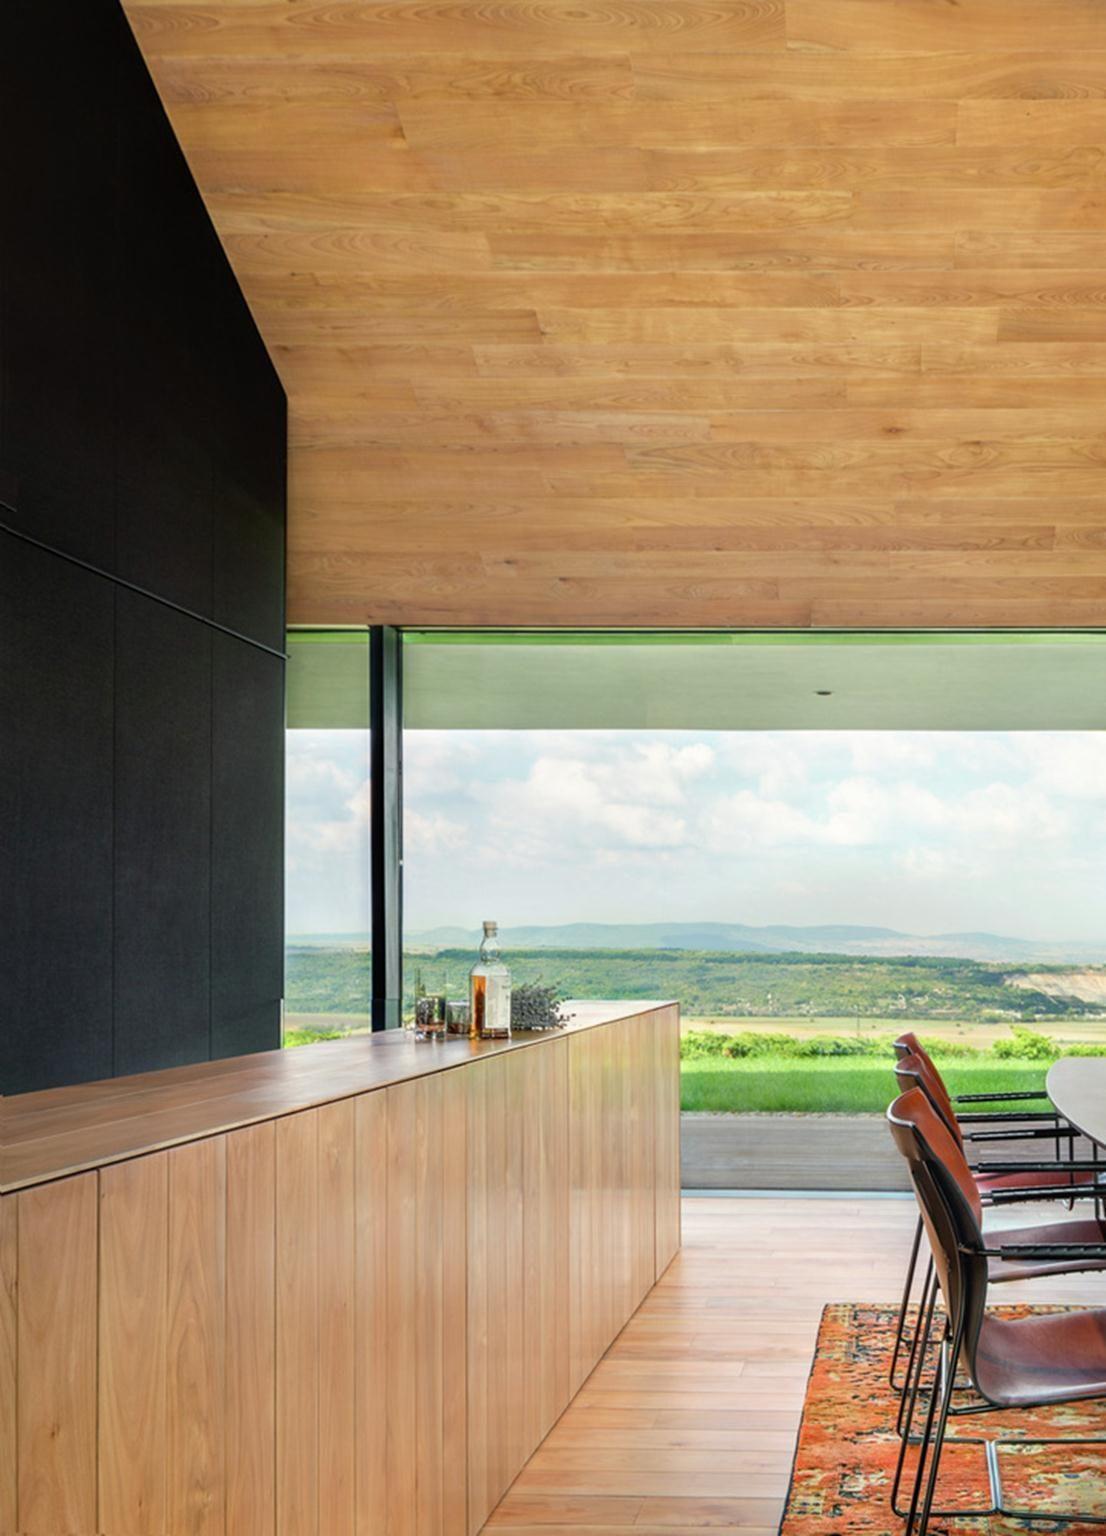 Thiết kế biệt thự view 360 độ độc đáo và ấn tượng - 12